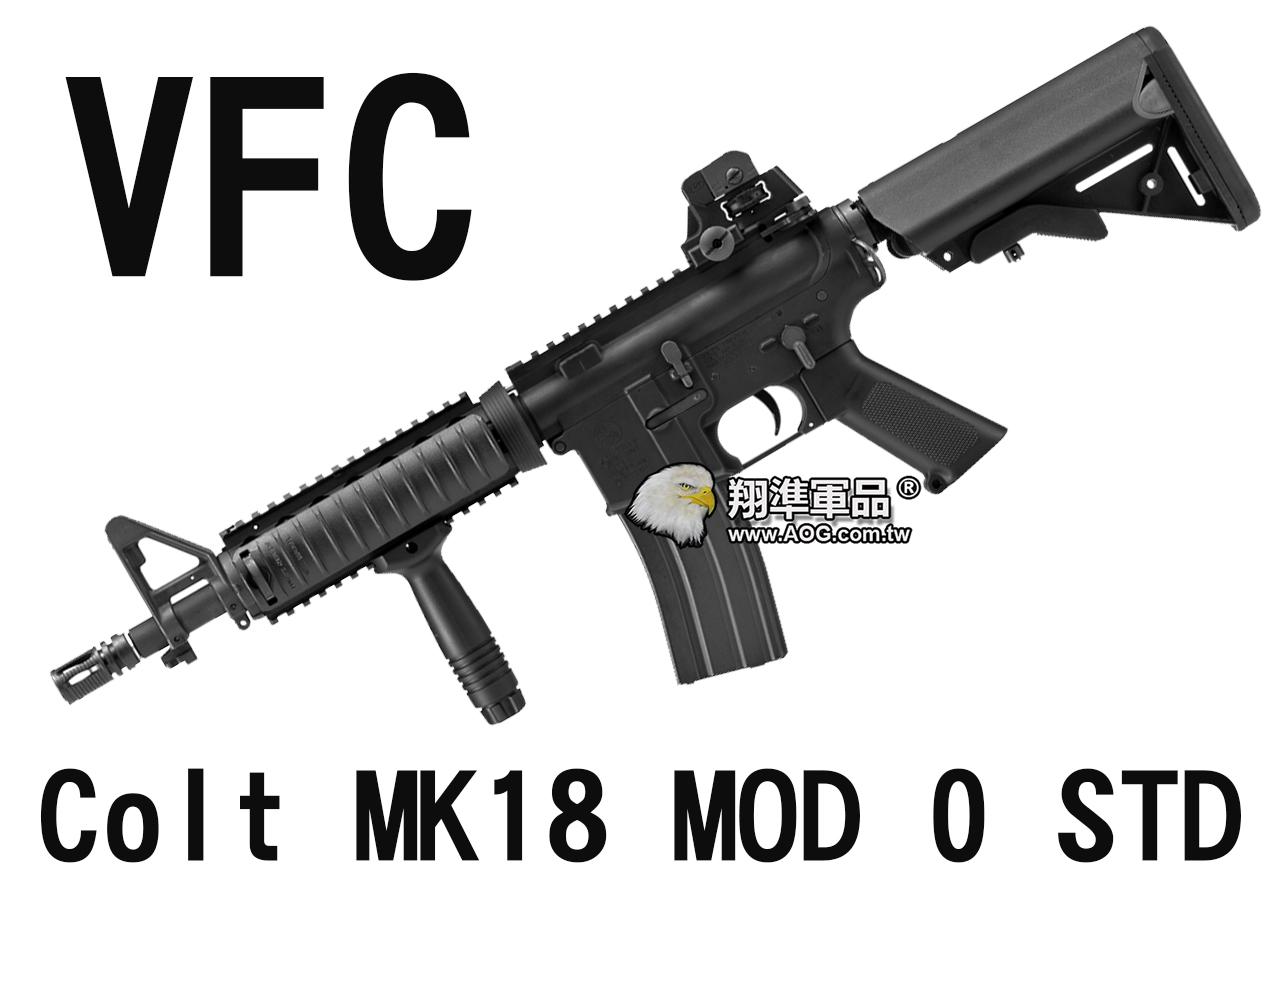 【翔準軍品AOG】【VFC】Colt MK18 MOD 0 (STD) 海豹托 魚骨版+握把 電動槍 長槍 衝鋒槍 黑色 VF1-LMK18M0-BK01